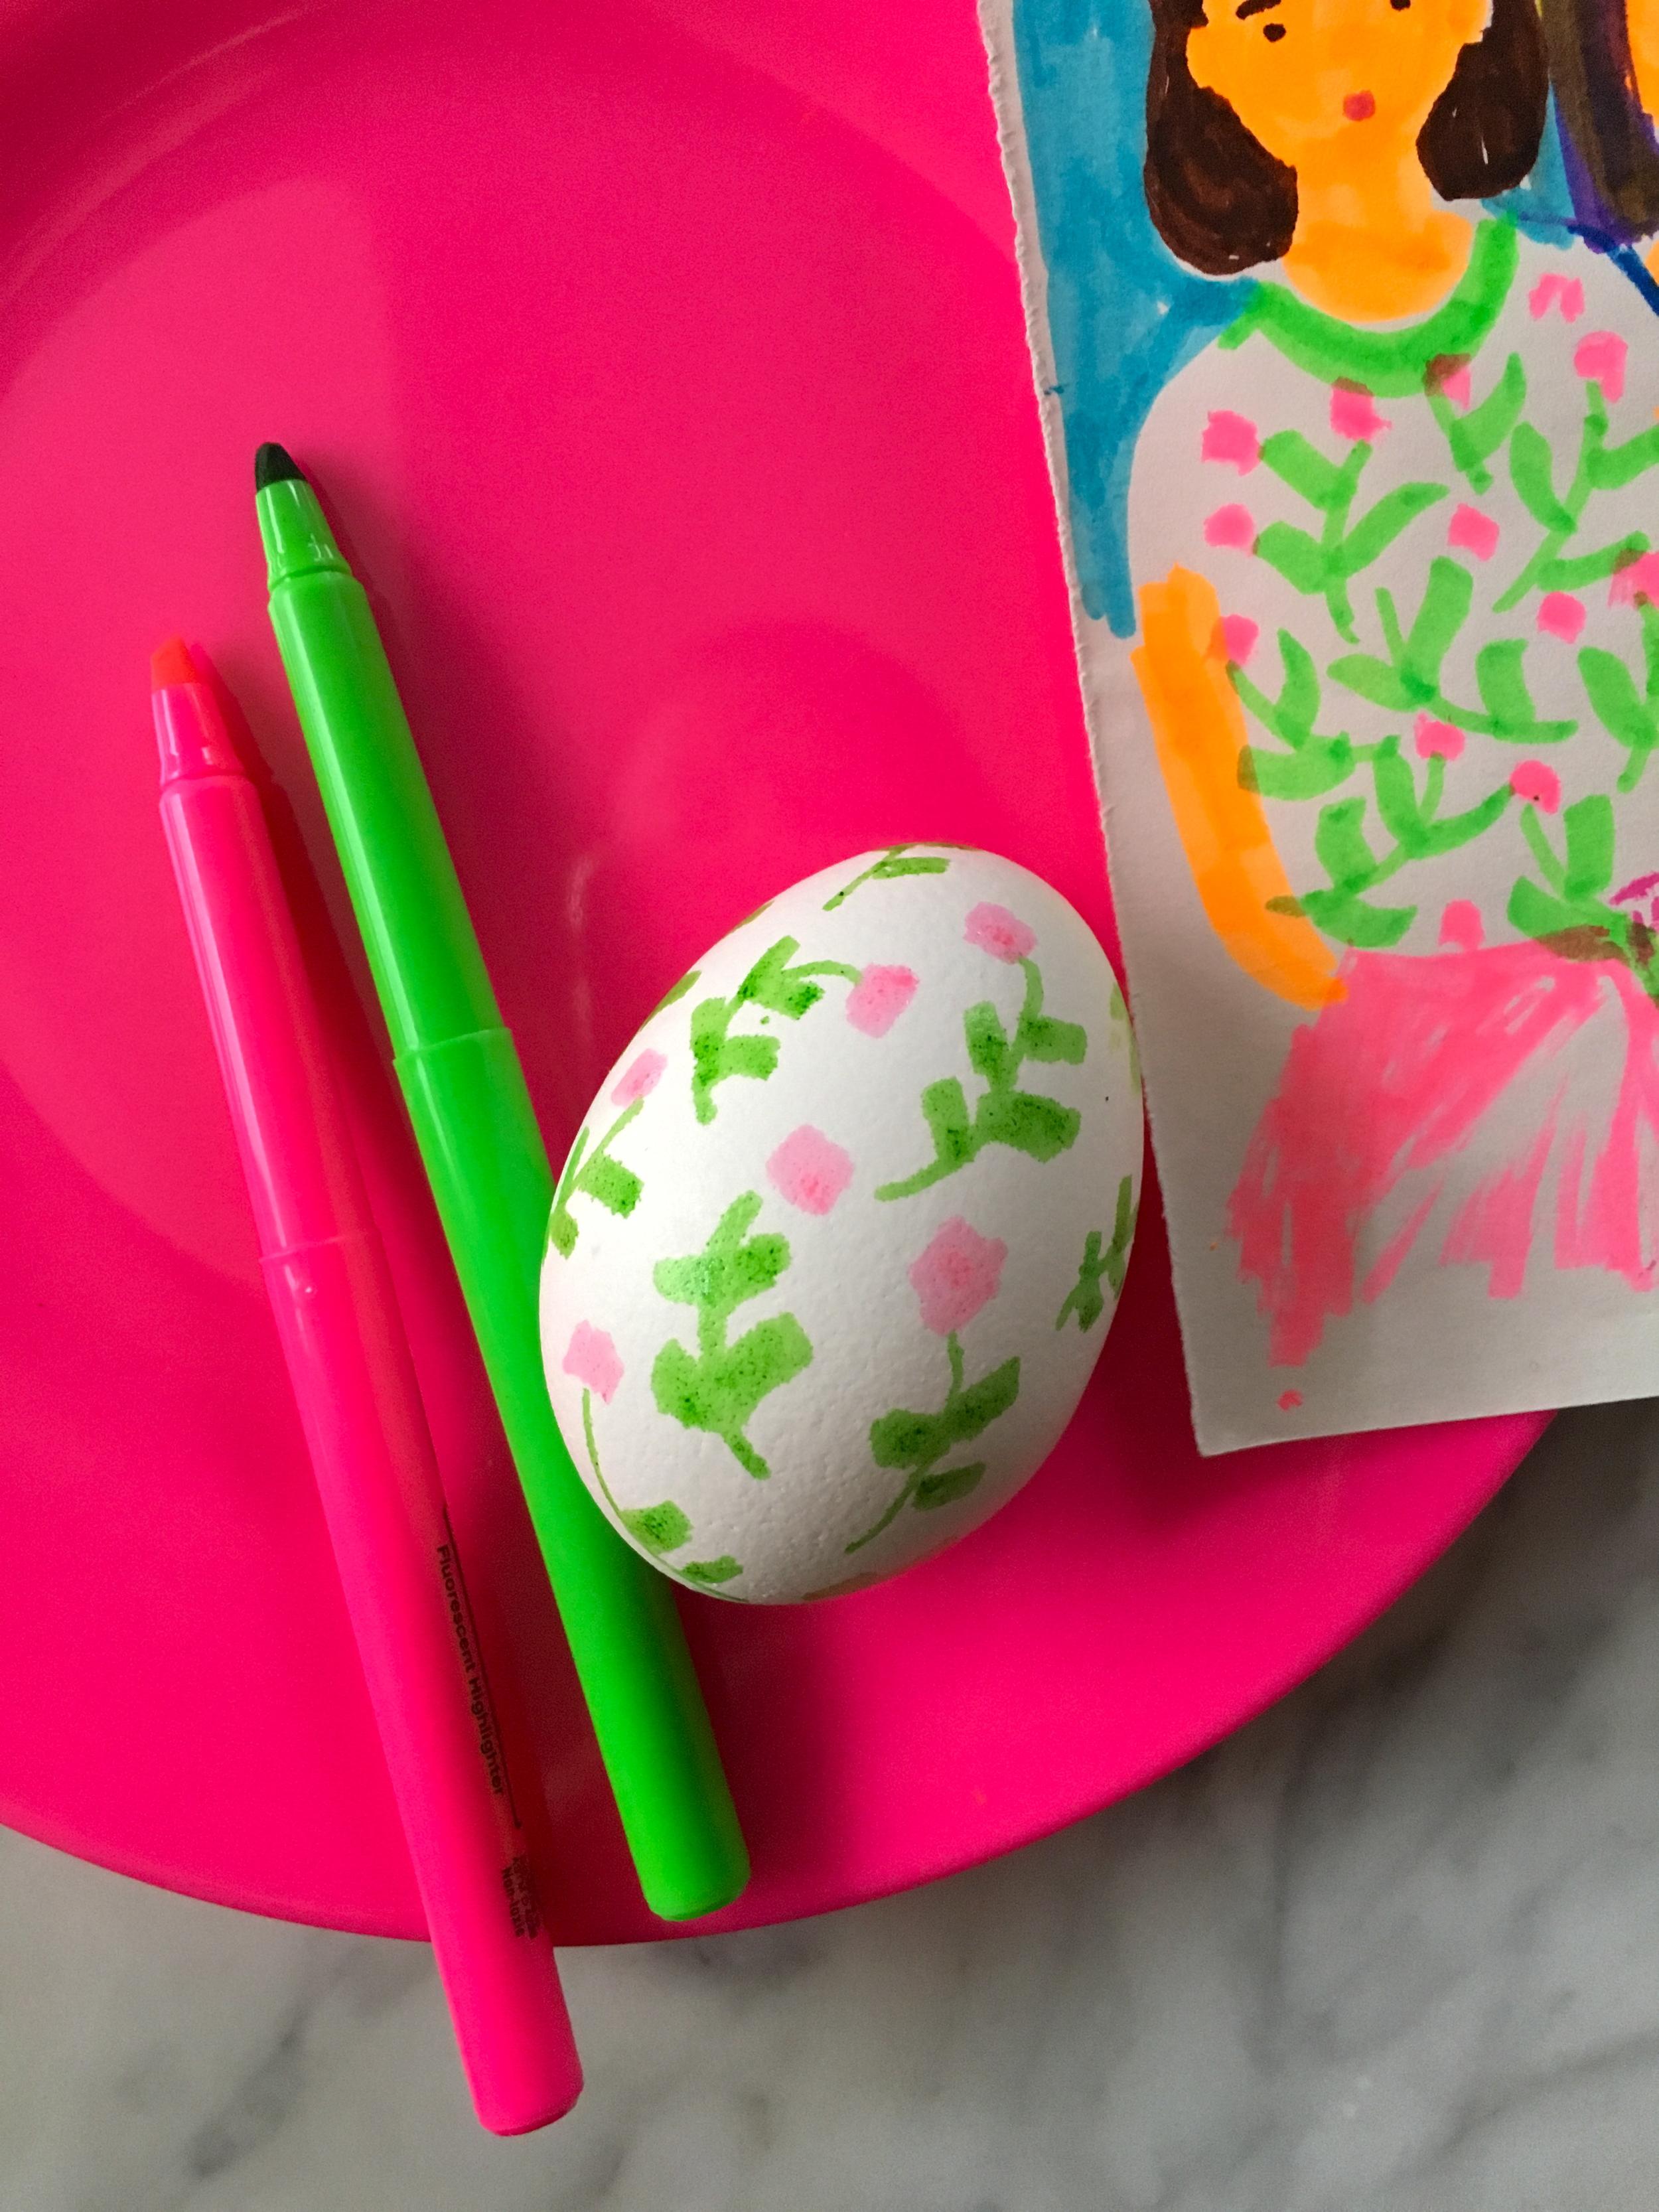 Floral-Print-Egg-Super-Make-It